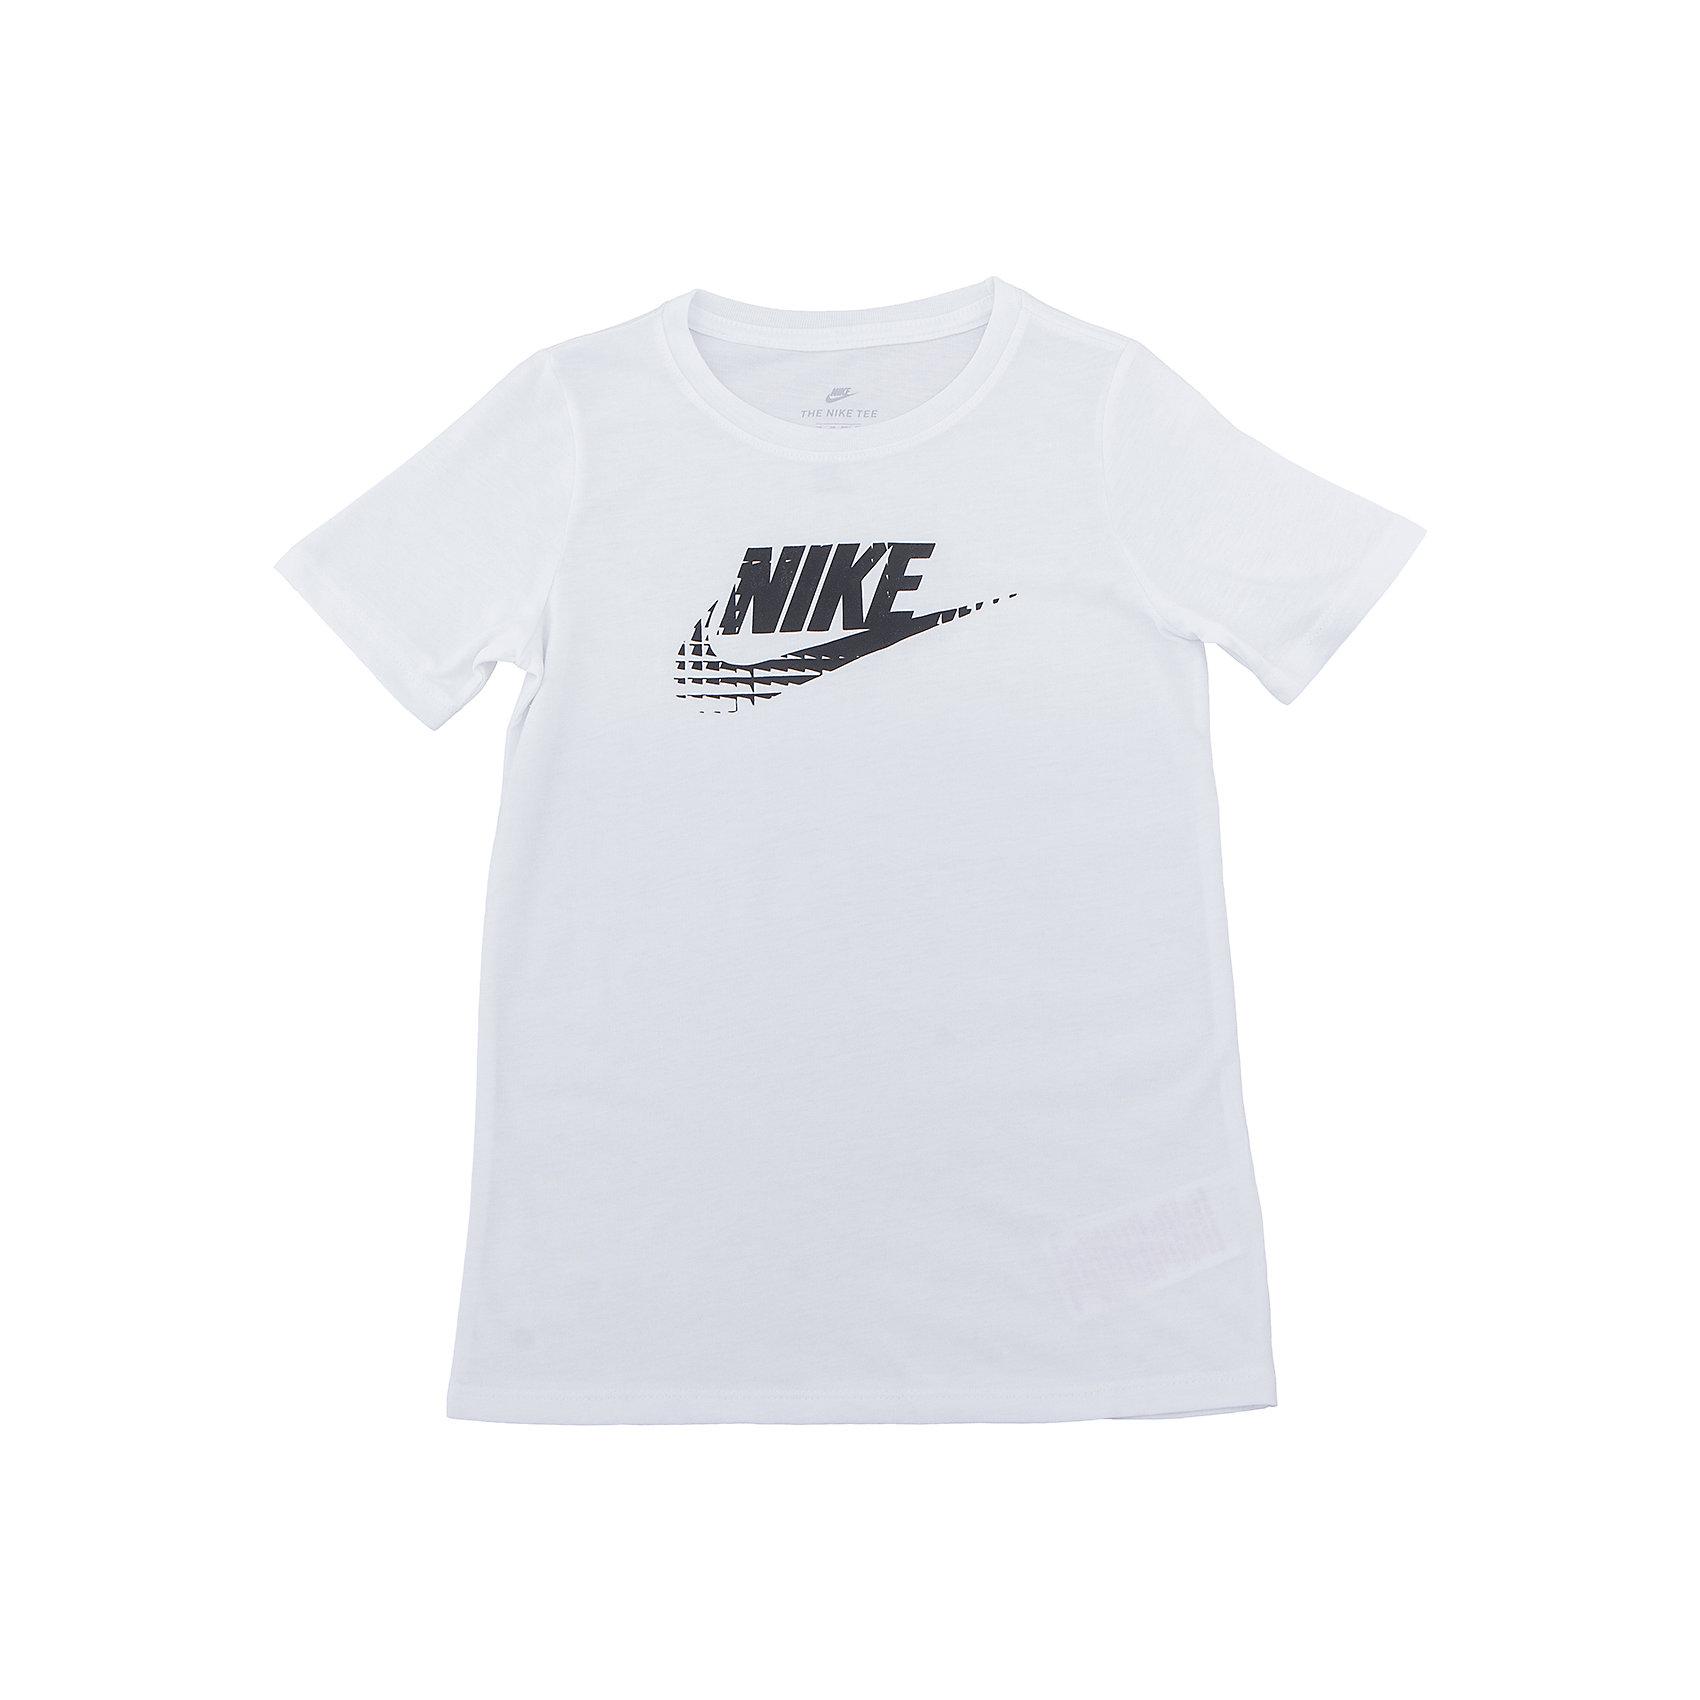 Футболка NIKEСпортивная форма<br>Характеристики товара:<br><br>• цвет: белый<br>• состав ткани: 50% полиэстер, 25% вискоза, 25% хлопок<br>• сезон: лето<br>• особенности модели: спортивный стиль<br>• короткие рукава<br>• страна бренда: США<br>• страна изготовитель: Турция<br><br>Белая детская футболка сделана из материала с добавлением натурального хлопка, позволяющего коже дышать. Стильная спортивная футболка Nike декорирована логотипом на груди. Такая футболка от Nike может быть одеждой для тренировок или дополнять наряд в спортивном стиле. <br><br>Футболку Nike (Найк) можно купить в нашем интернет-магазине.<br><br>Ширина мм: 199<br>Глубина мм: 10<br>Высота мм: 161<br>Вес г: 151<br>Цвет: белый<br>Возраст от месяцев: 84<br>Возраст до месяцев: 96<br>Пол: Унисекс<br>Возраст: Детский<br>Размер: 122/128,128/134<br>SKU: 6921220